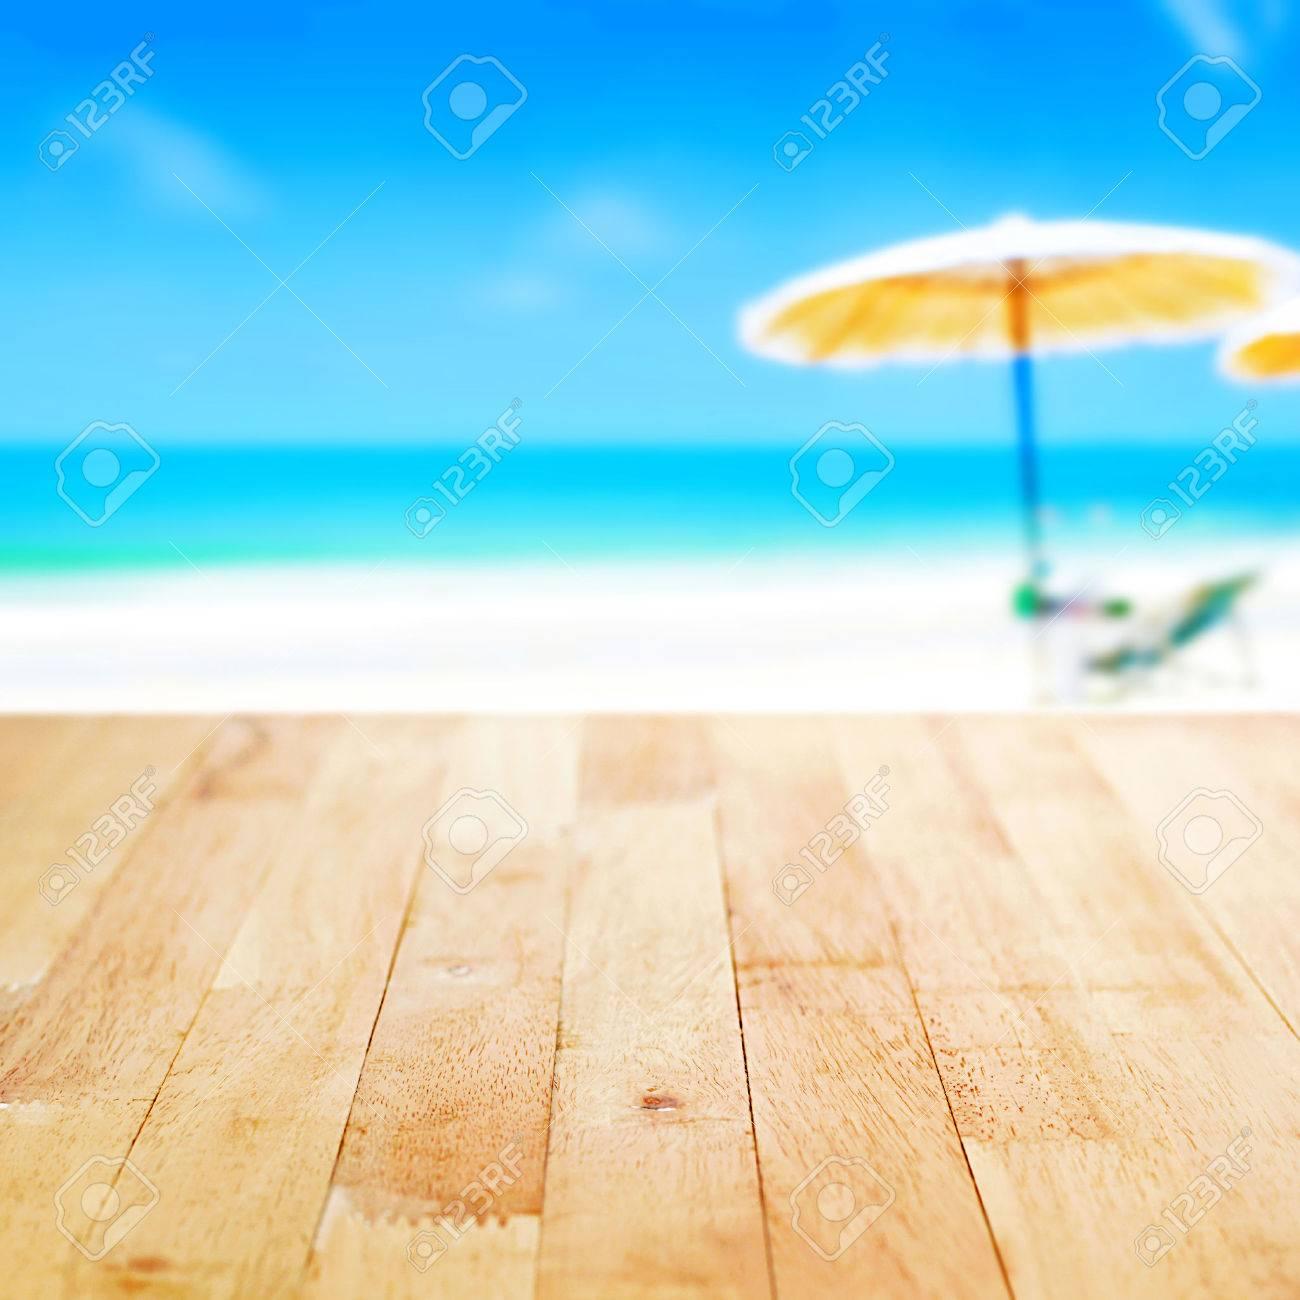 Immagini Stock Tavolo In Legno Sul Mare Azzurro E Sfondo Bianco